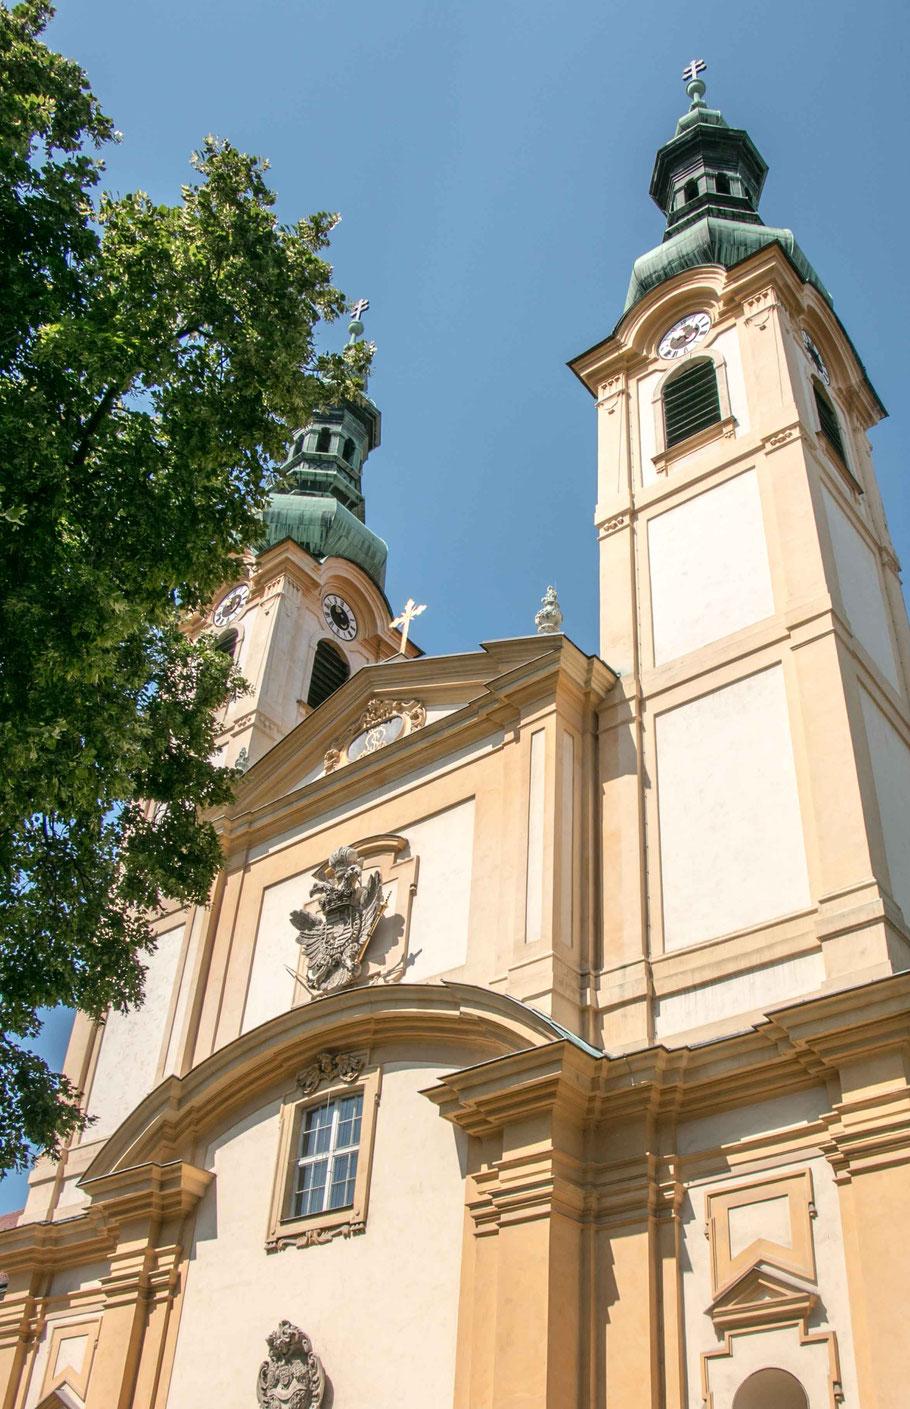 Servitenkirche-Servitenviertel-Rossau-Wien-Urlaub-in-Wien-Tourismus